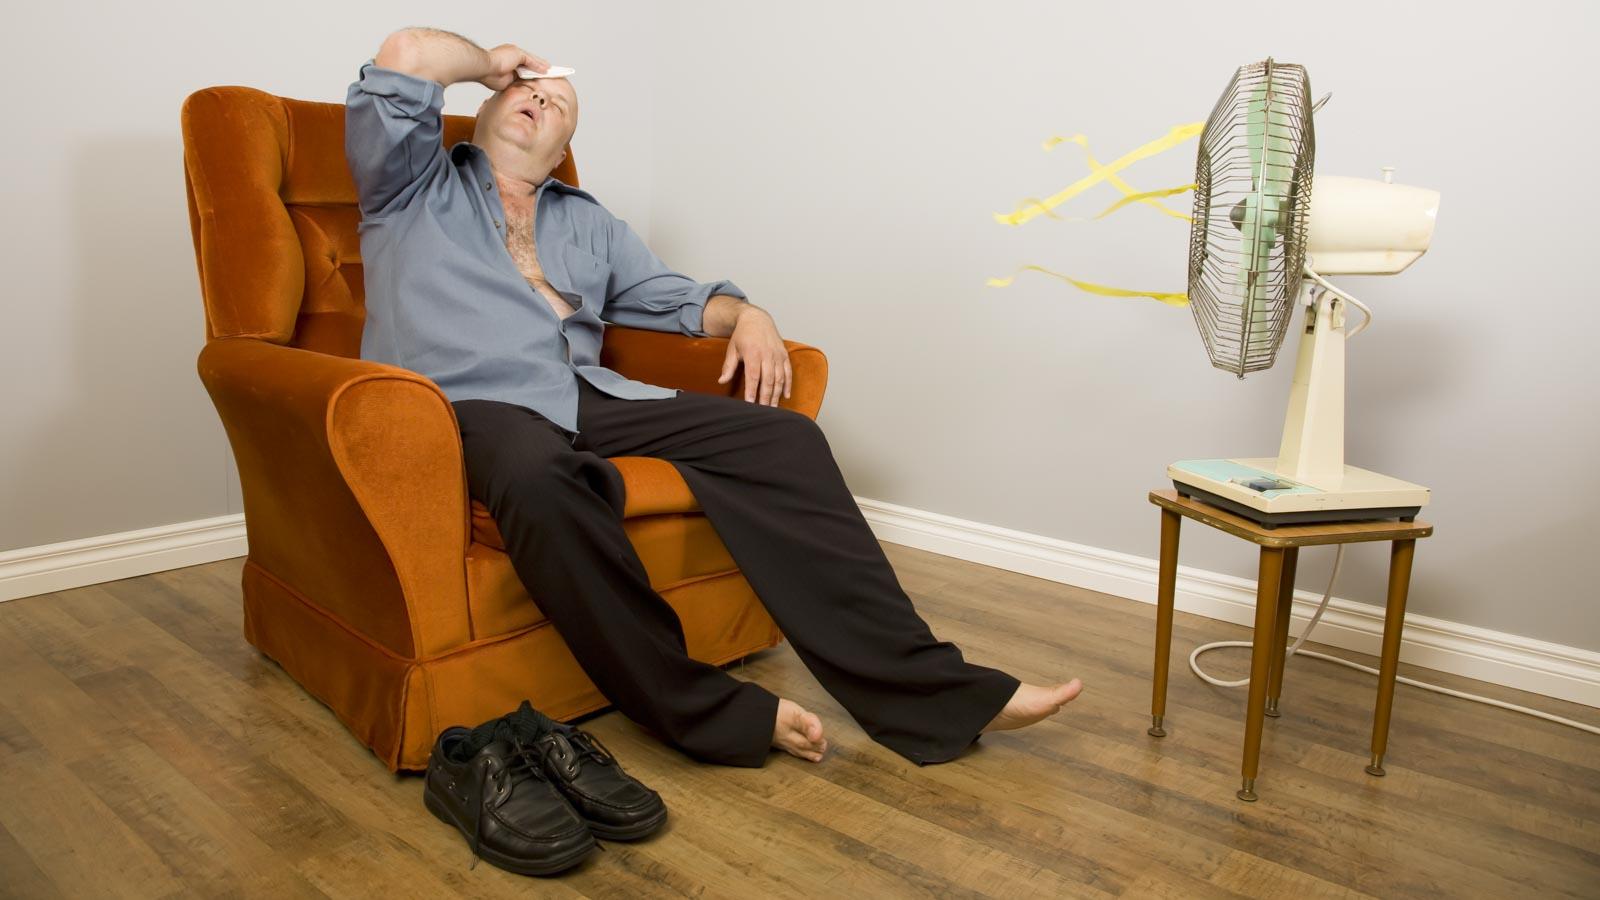 Mann auf einem Sessel sitzt vor einem Ventilator und leidet unter der Hitze im Raum